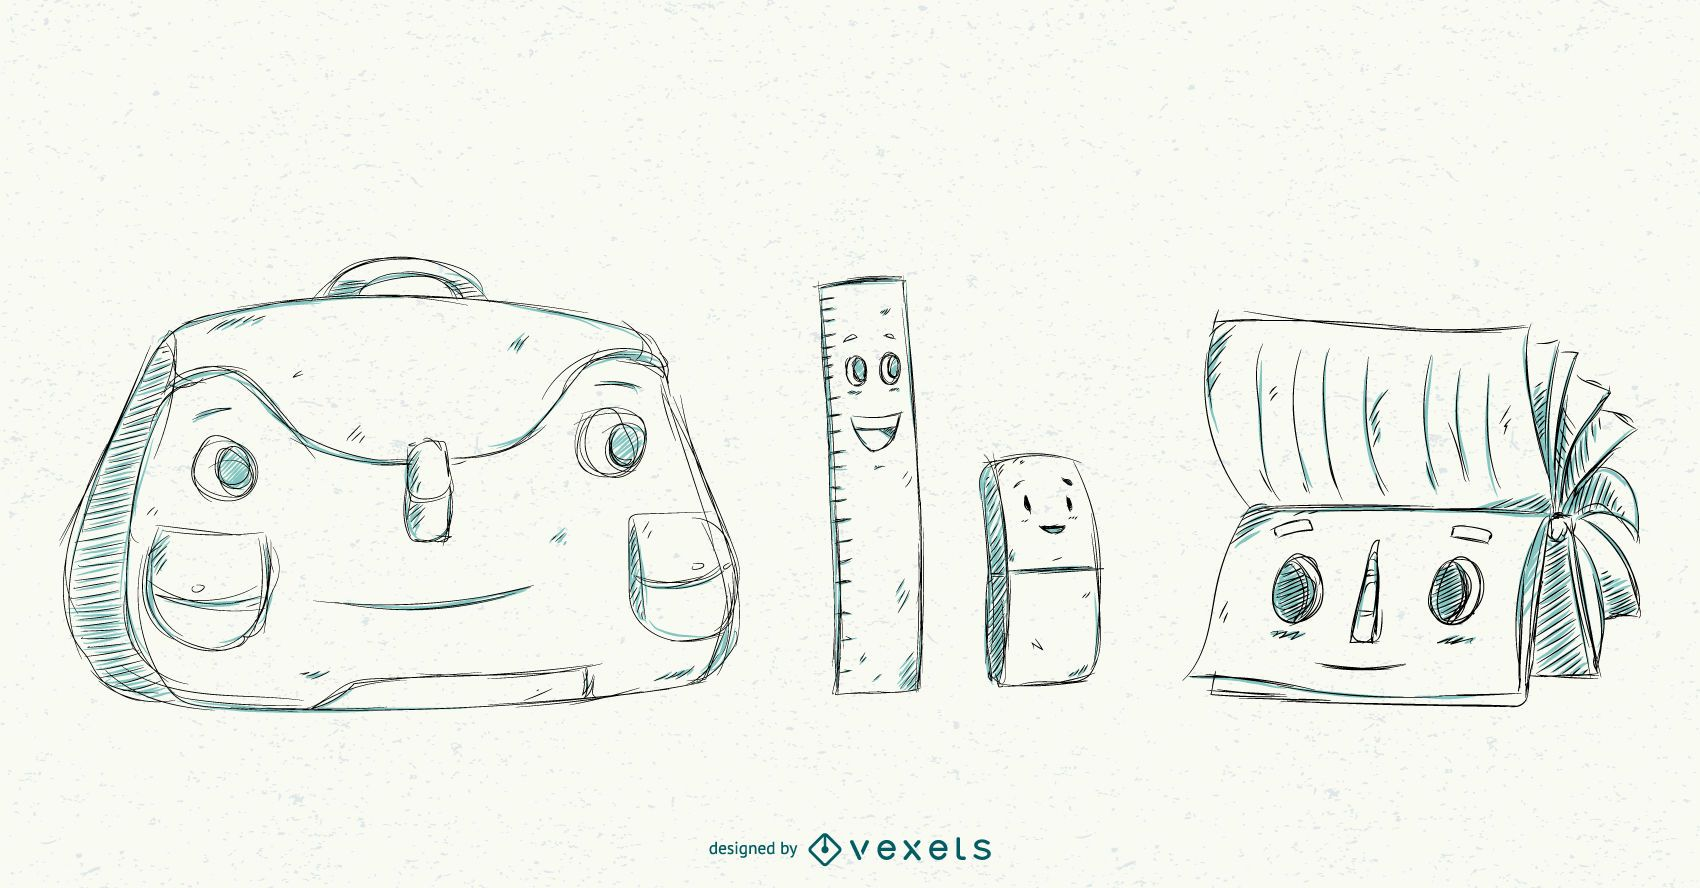 Conjunto de dibujos animados de elementos escolares amigables